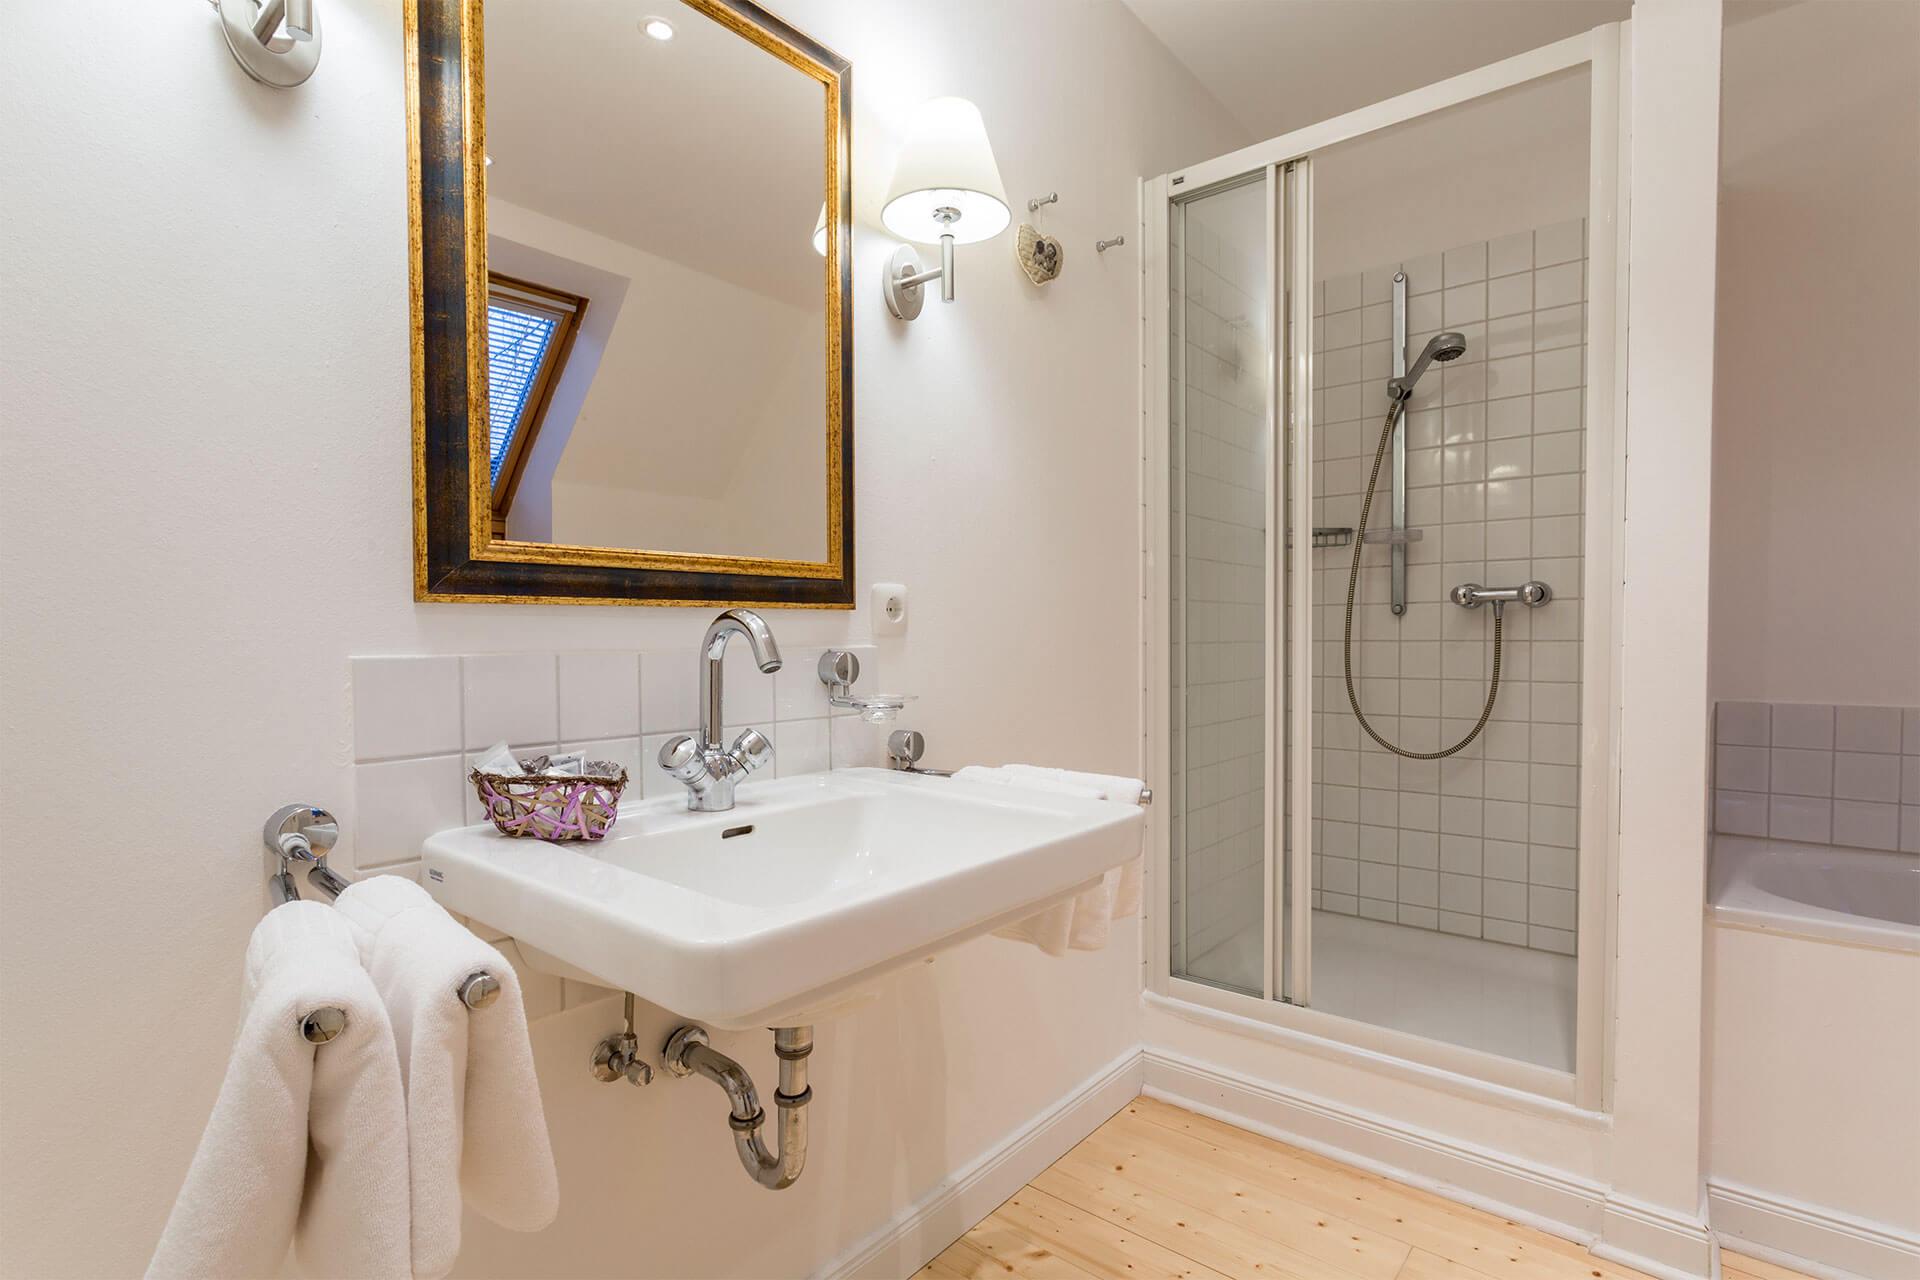 Dusche mit geöffneter Glaskabine und Spiegel über Waschbecken